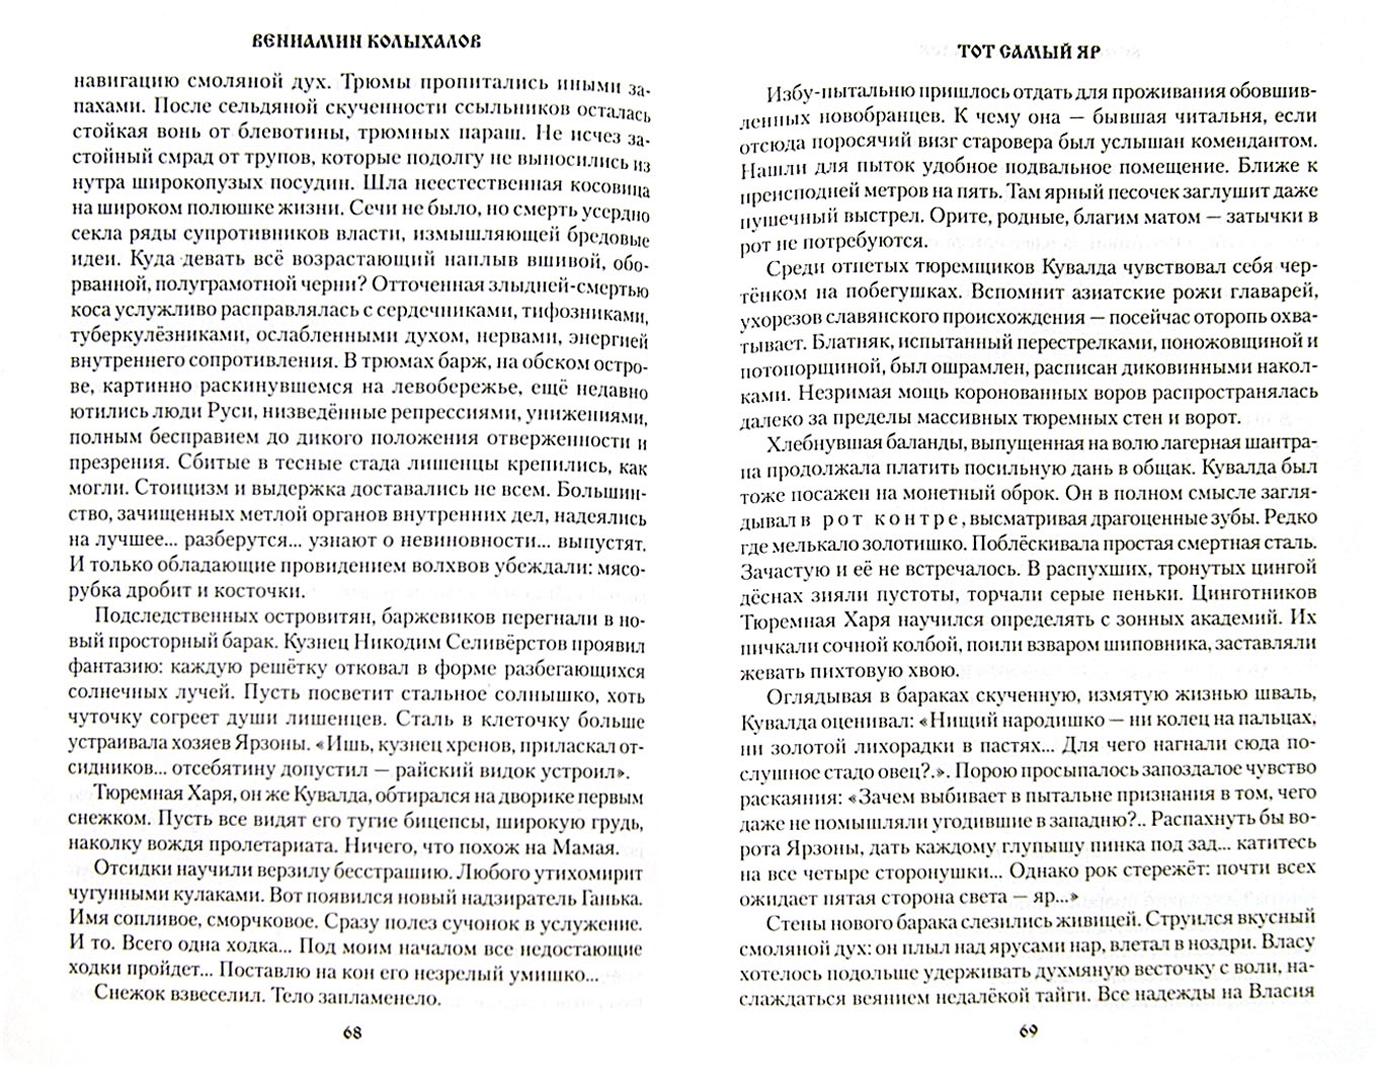 Иллюстрация 1 из 9 для Тот самый яр - Вениамин Колыхалов | Лабиринт - книги. Источник: Лабиринт